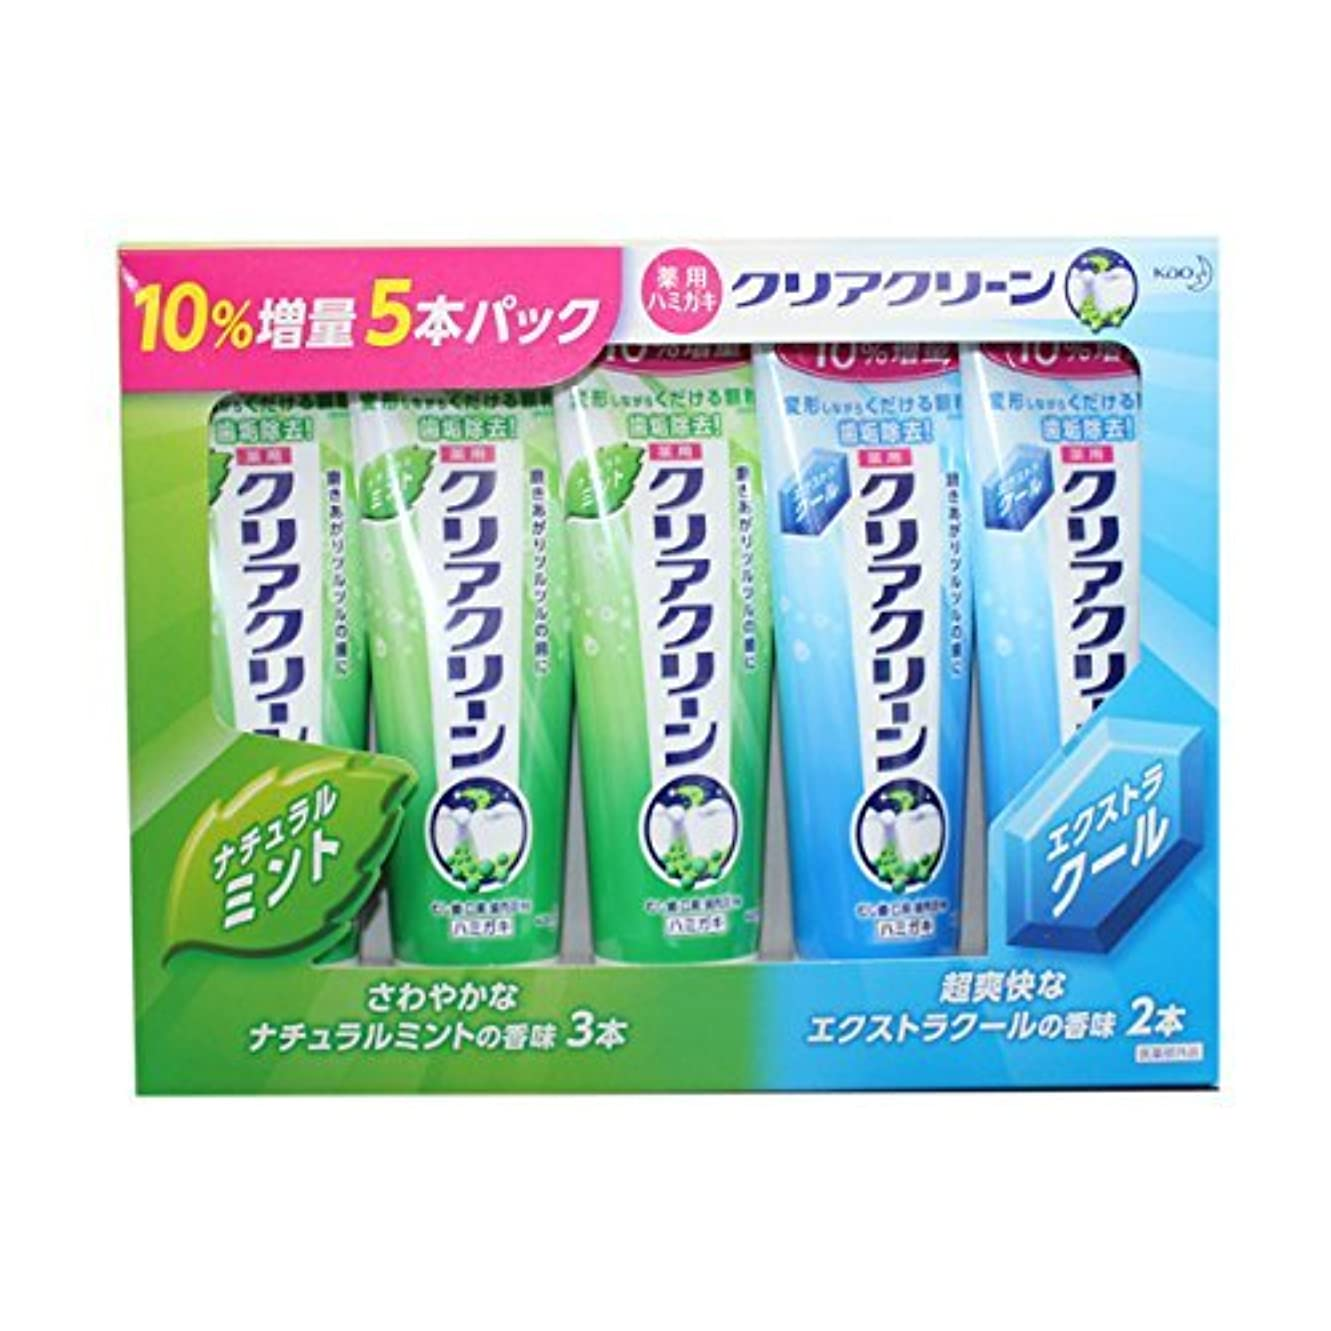 舌な練習した退屈させるクリアクリーン 143gx5本セット(ナチュラルミントx3/エクストラクールx2) 10%増量セット 歯磨き粉